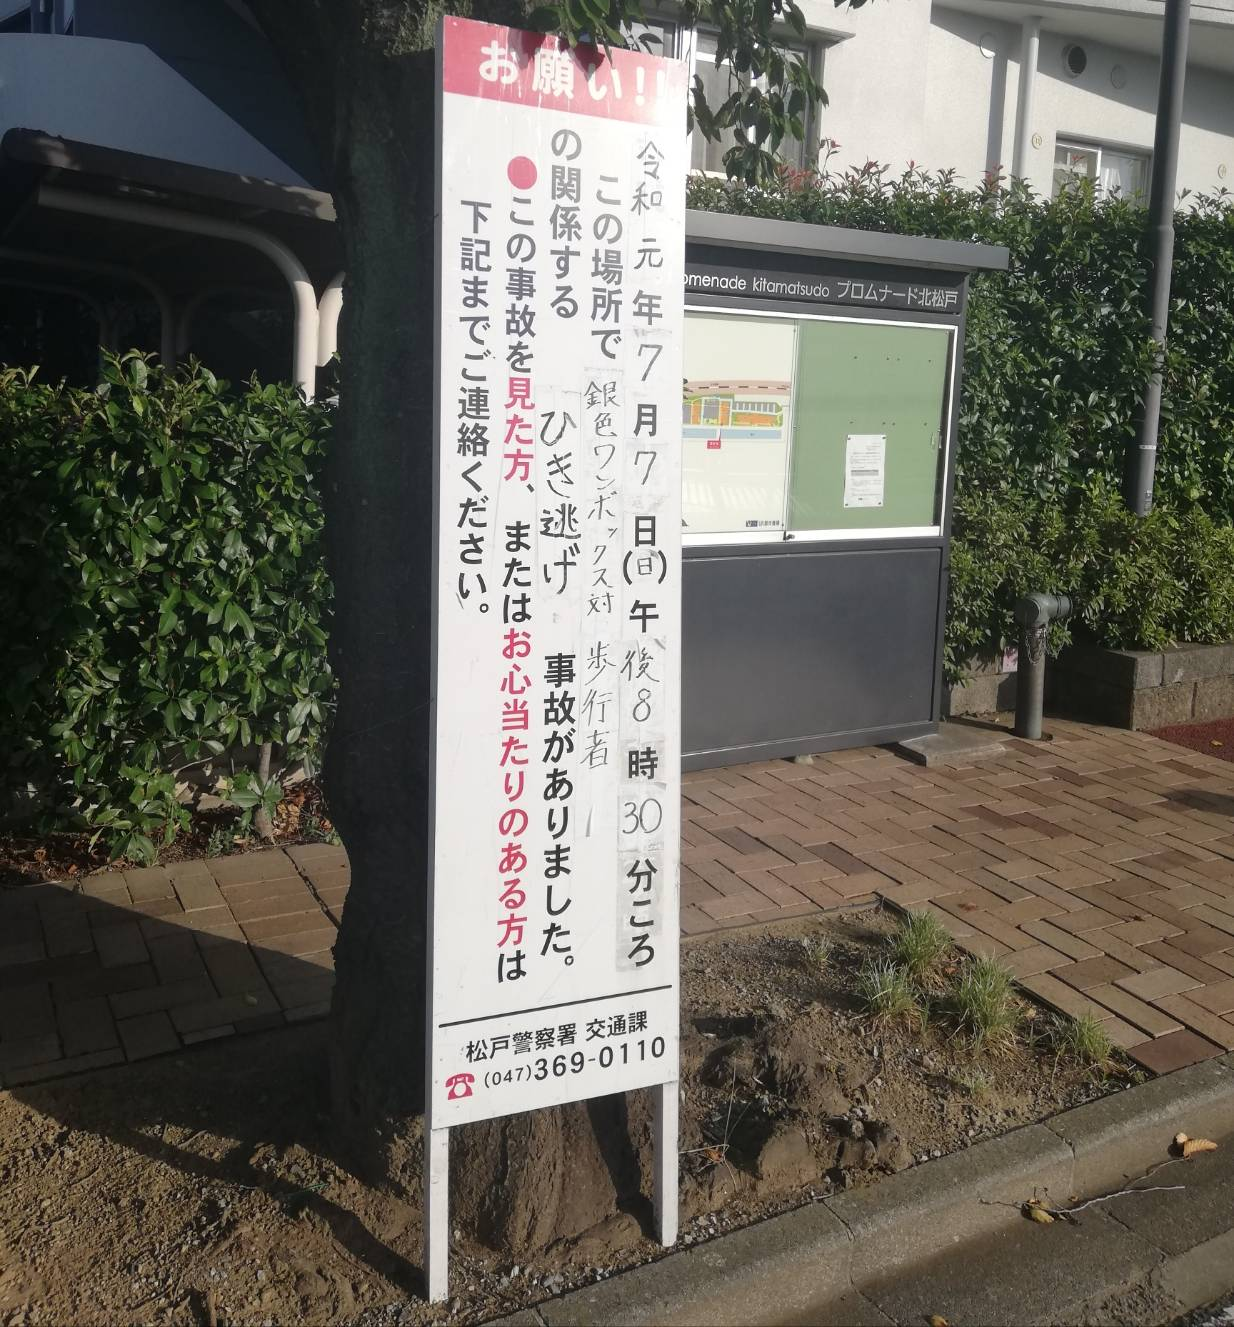 北松戸プロムナード交通事故ひき逃げ事故